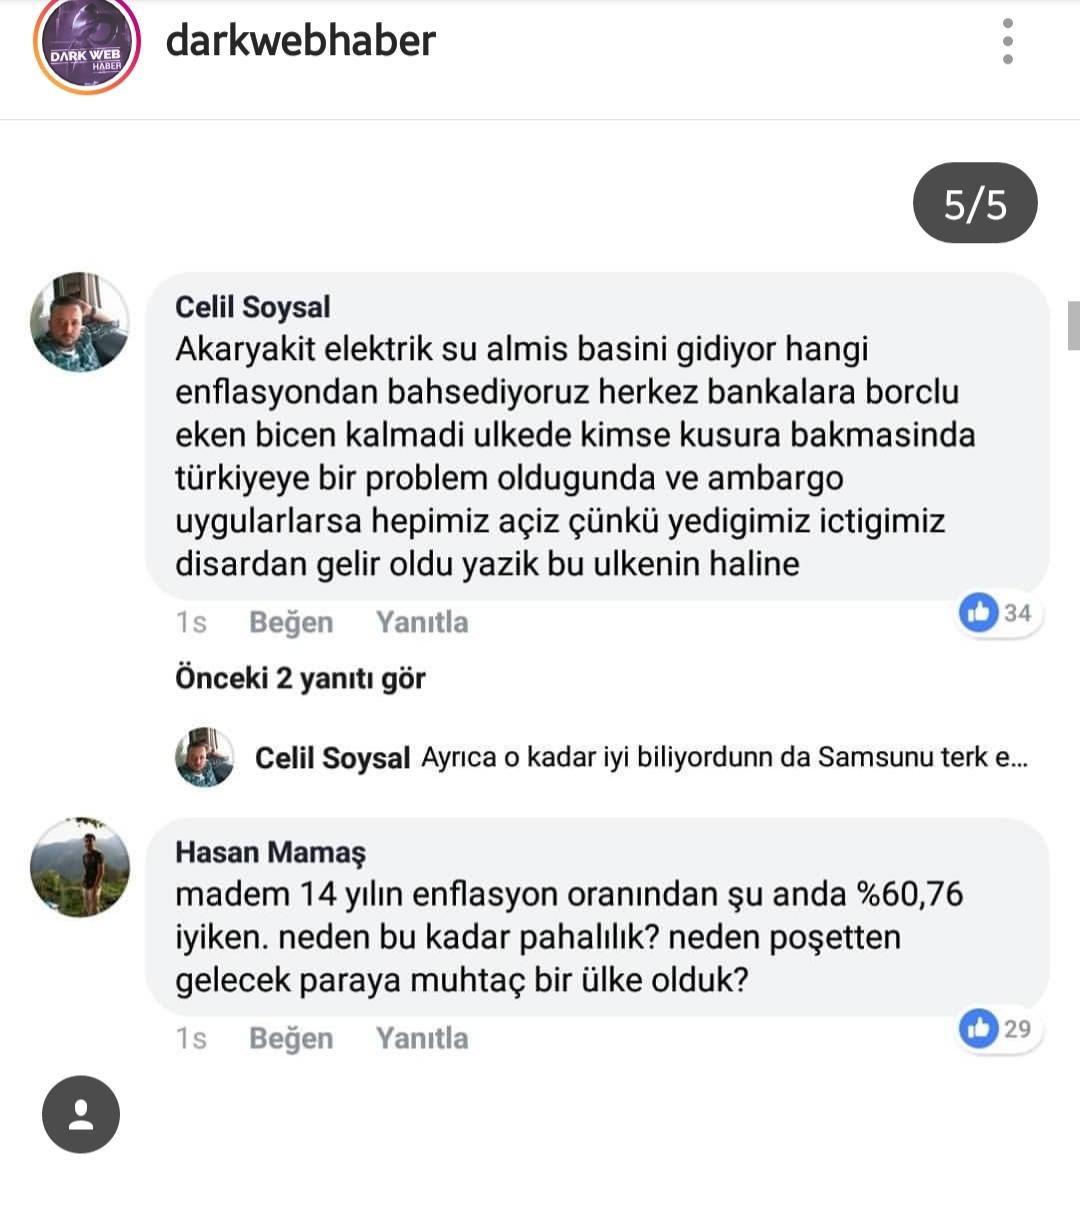 cb erdoğan ın enflasyon paylaşımına tepki gelmesi